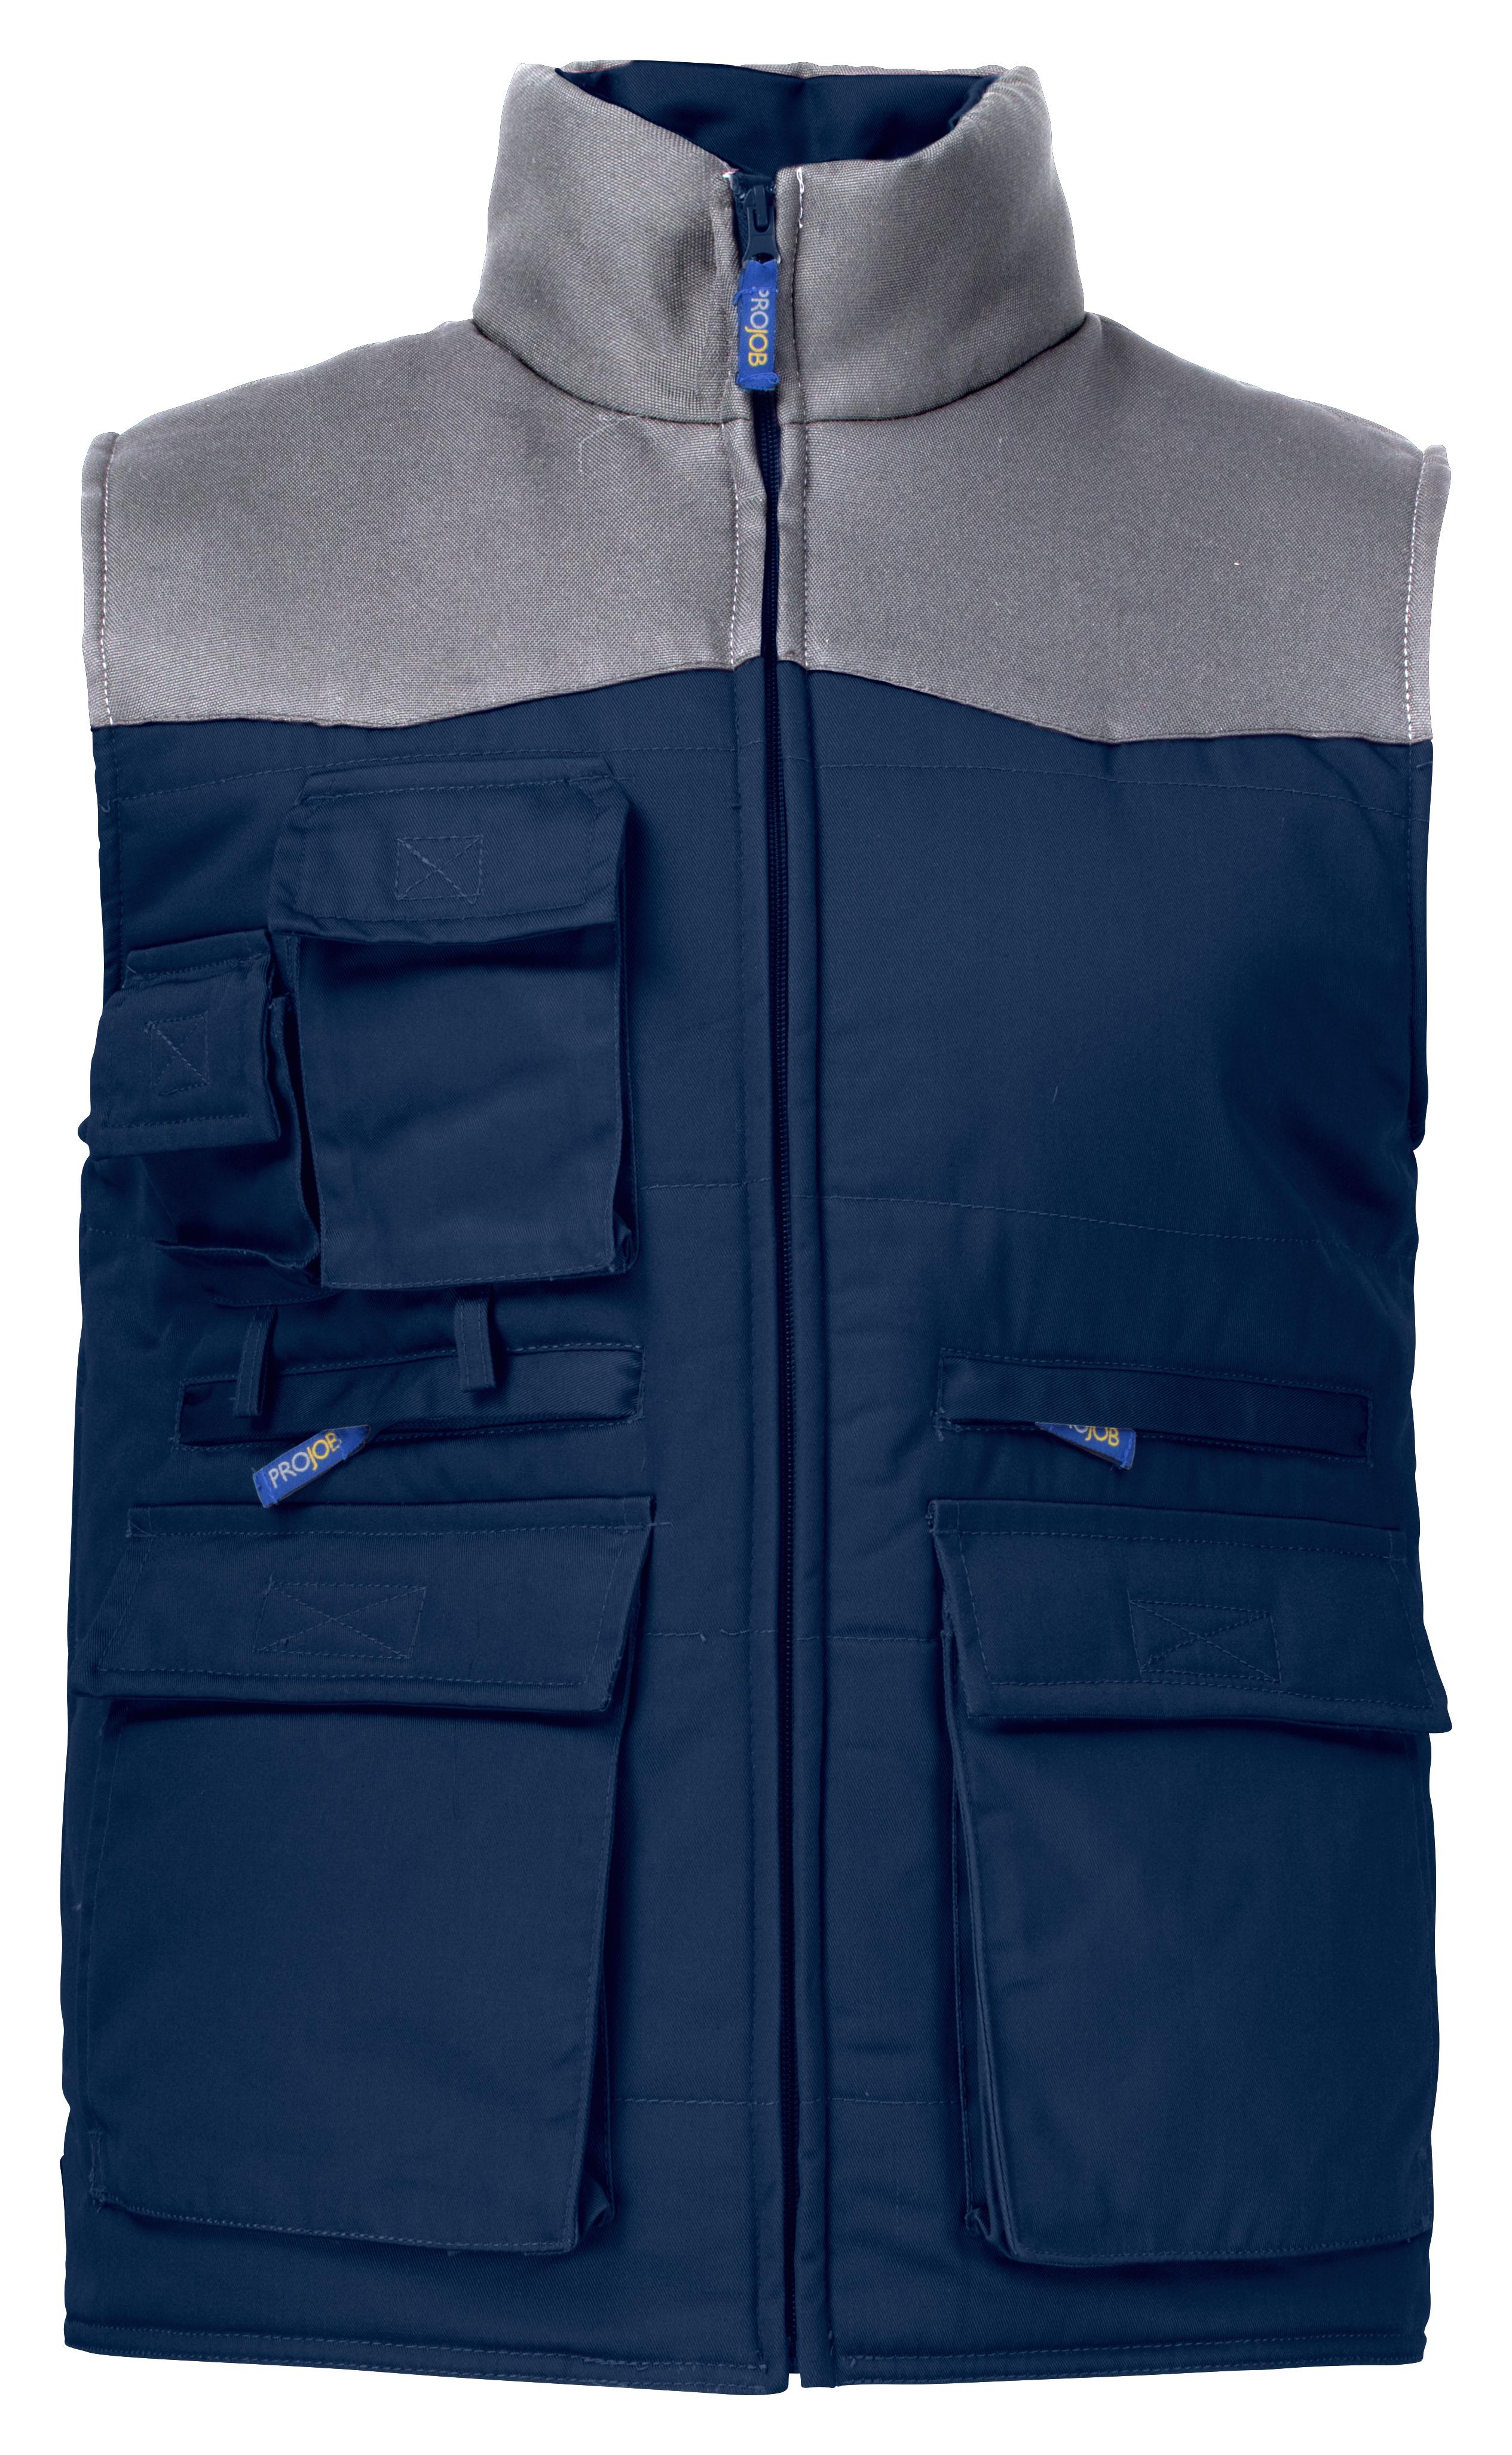 prestanda sportkläder senaste designen webbplats för rabatt 2806 VADDERAD VÄST KONTRAST - Reklamhuset i Göteborg